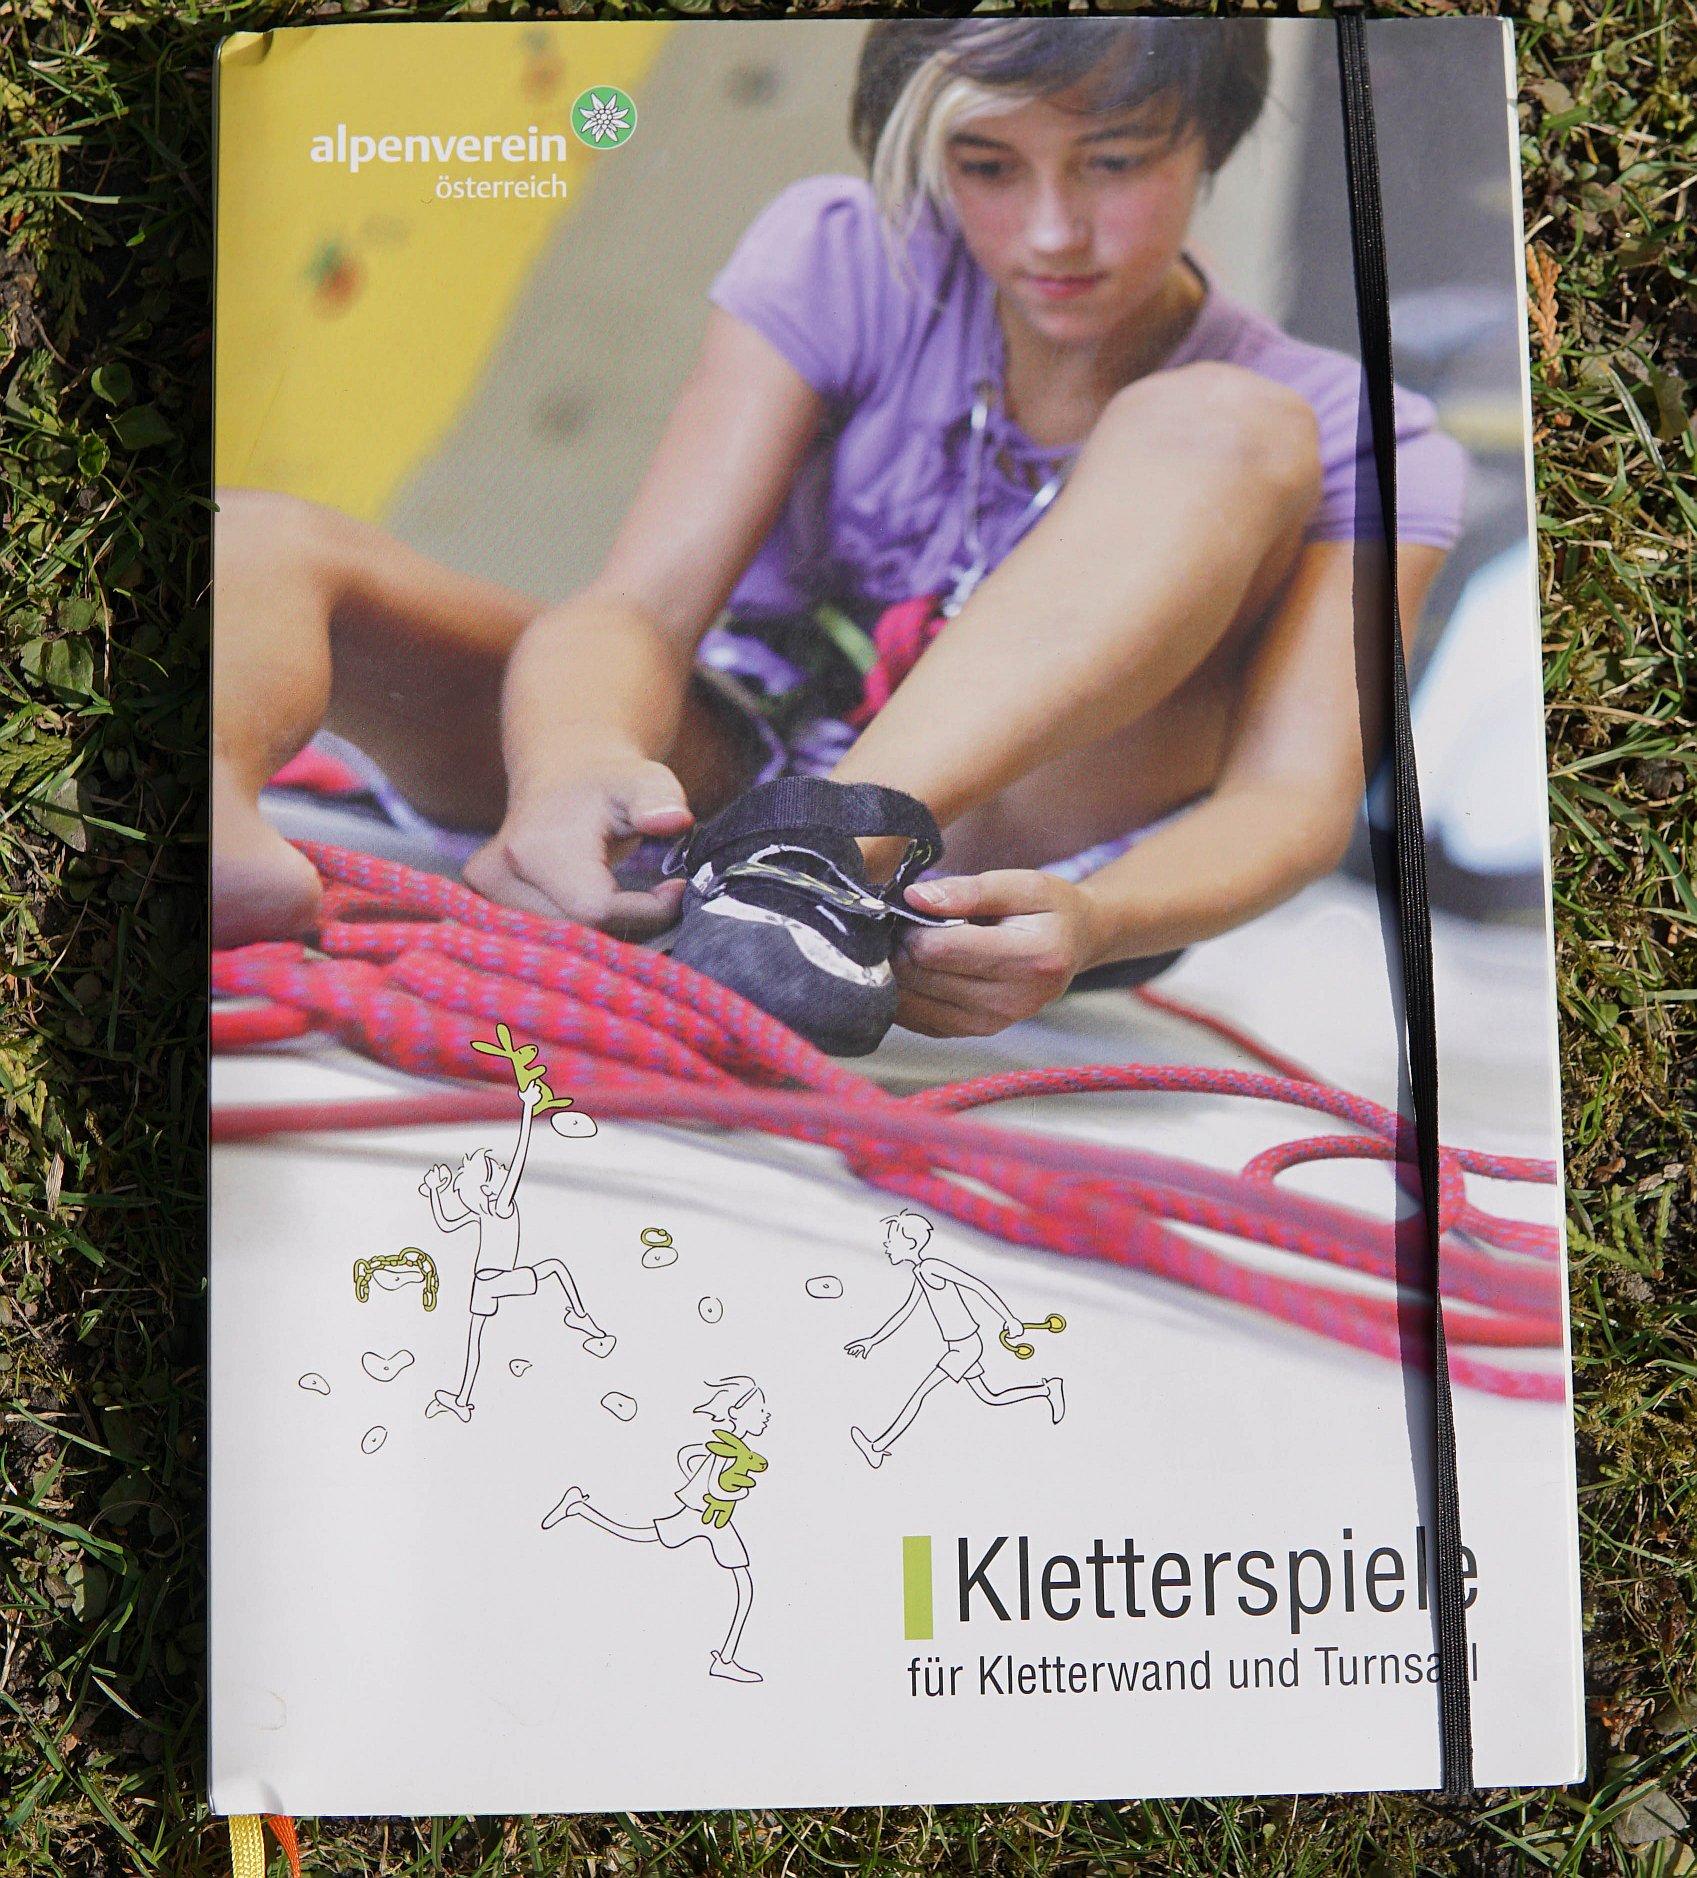 """""""Kletterspiele"""", das Buch vom Österreichischer Alpenverein"""